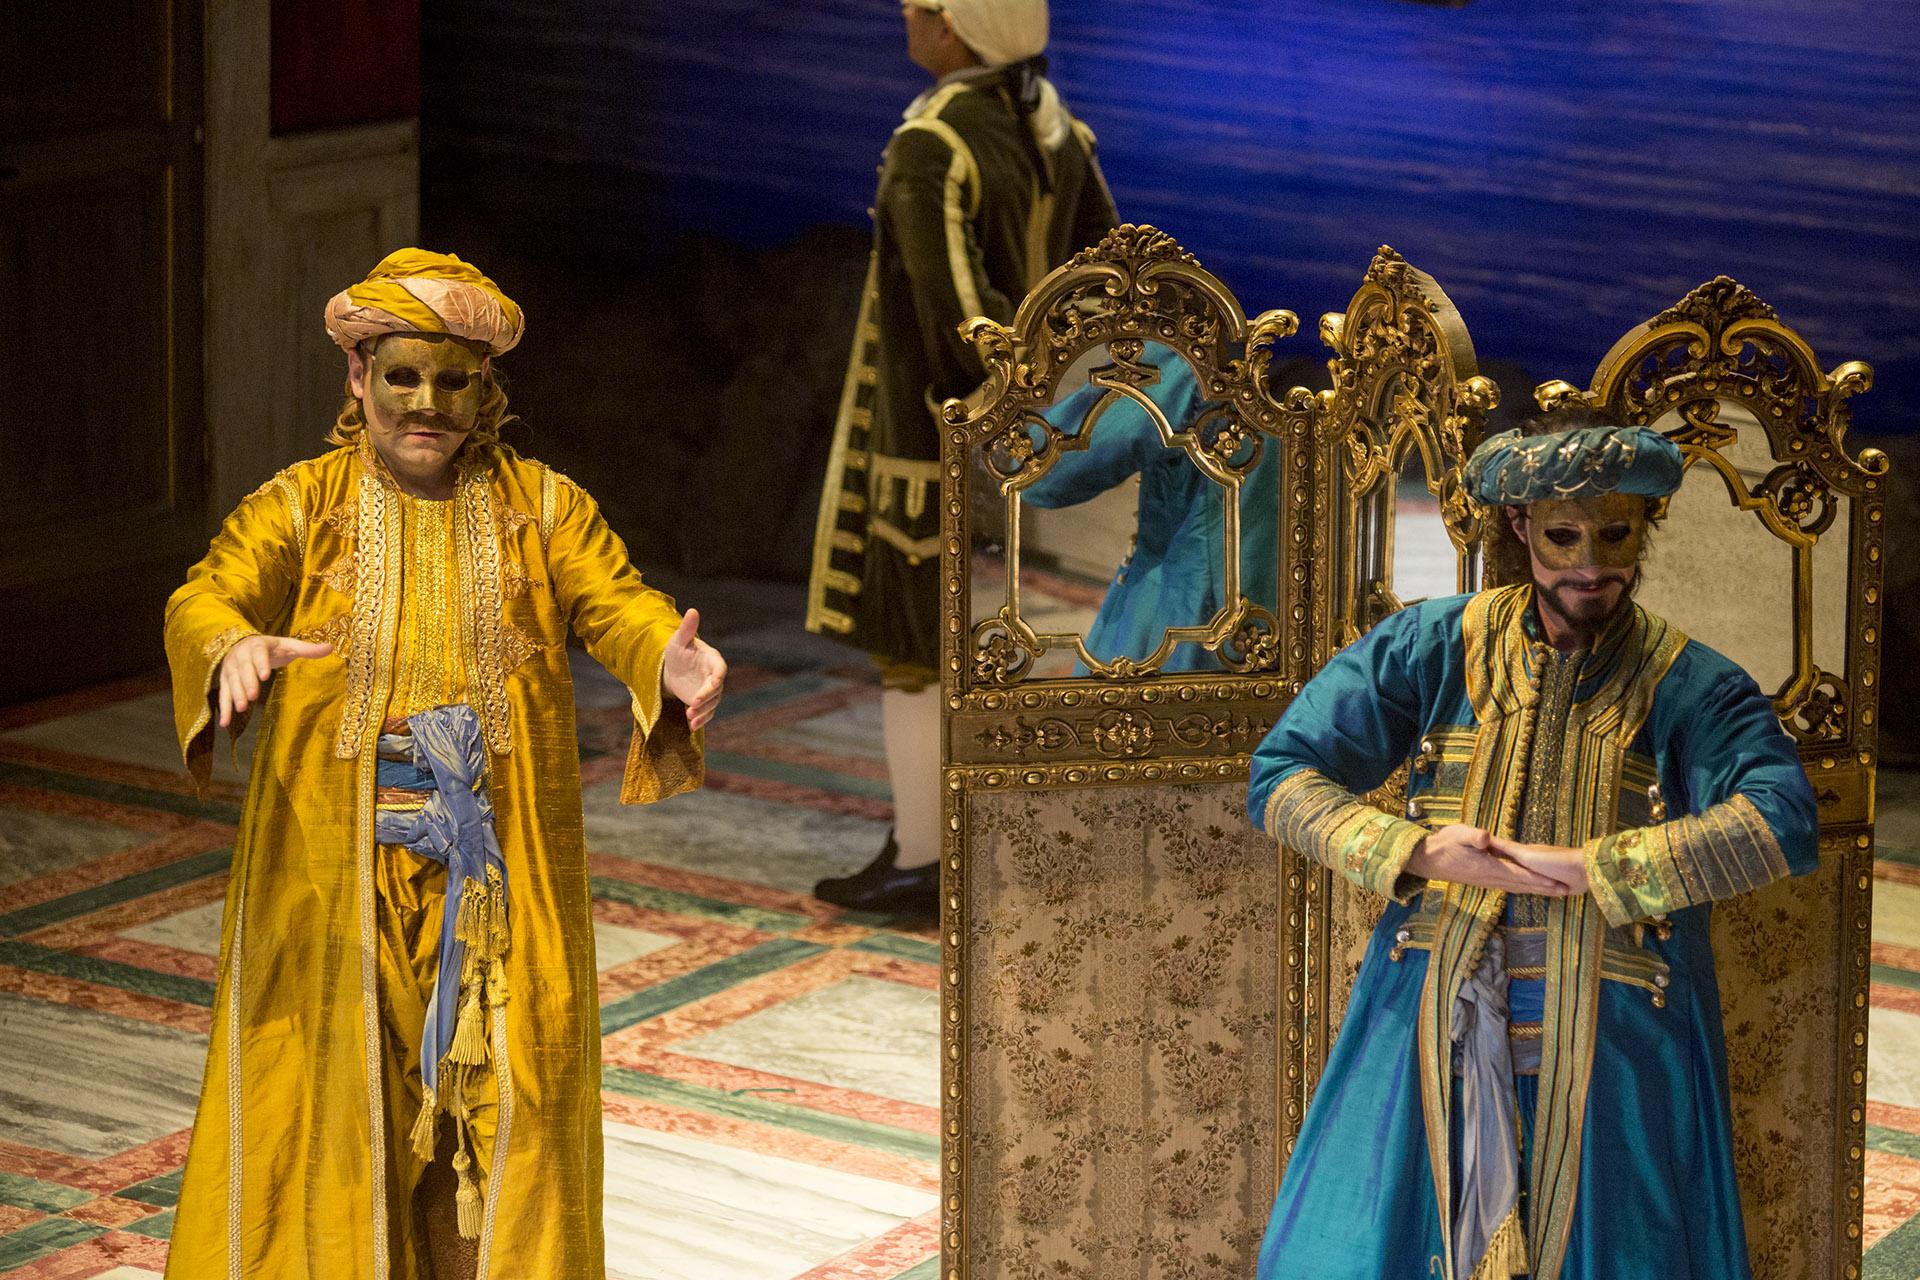 Concierto de ópera durante festival de música de Cartagena